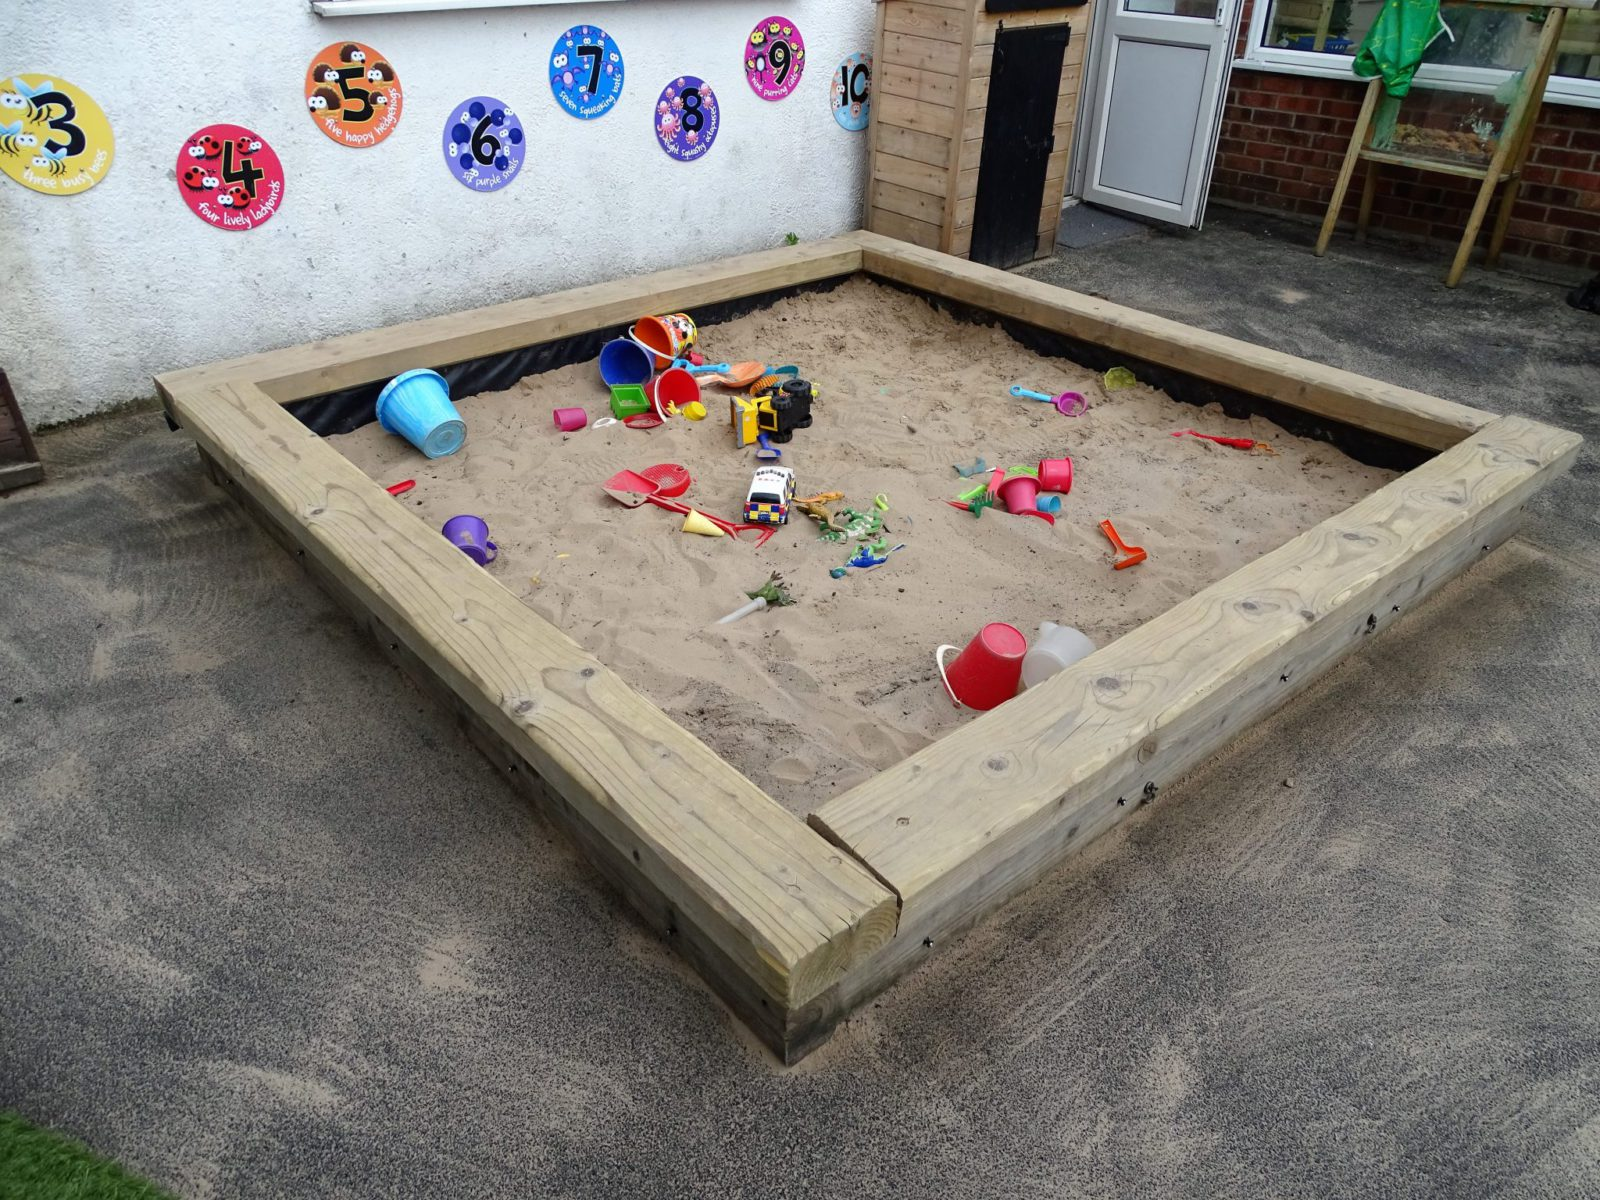 The Sandpit